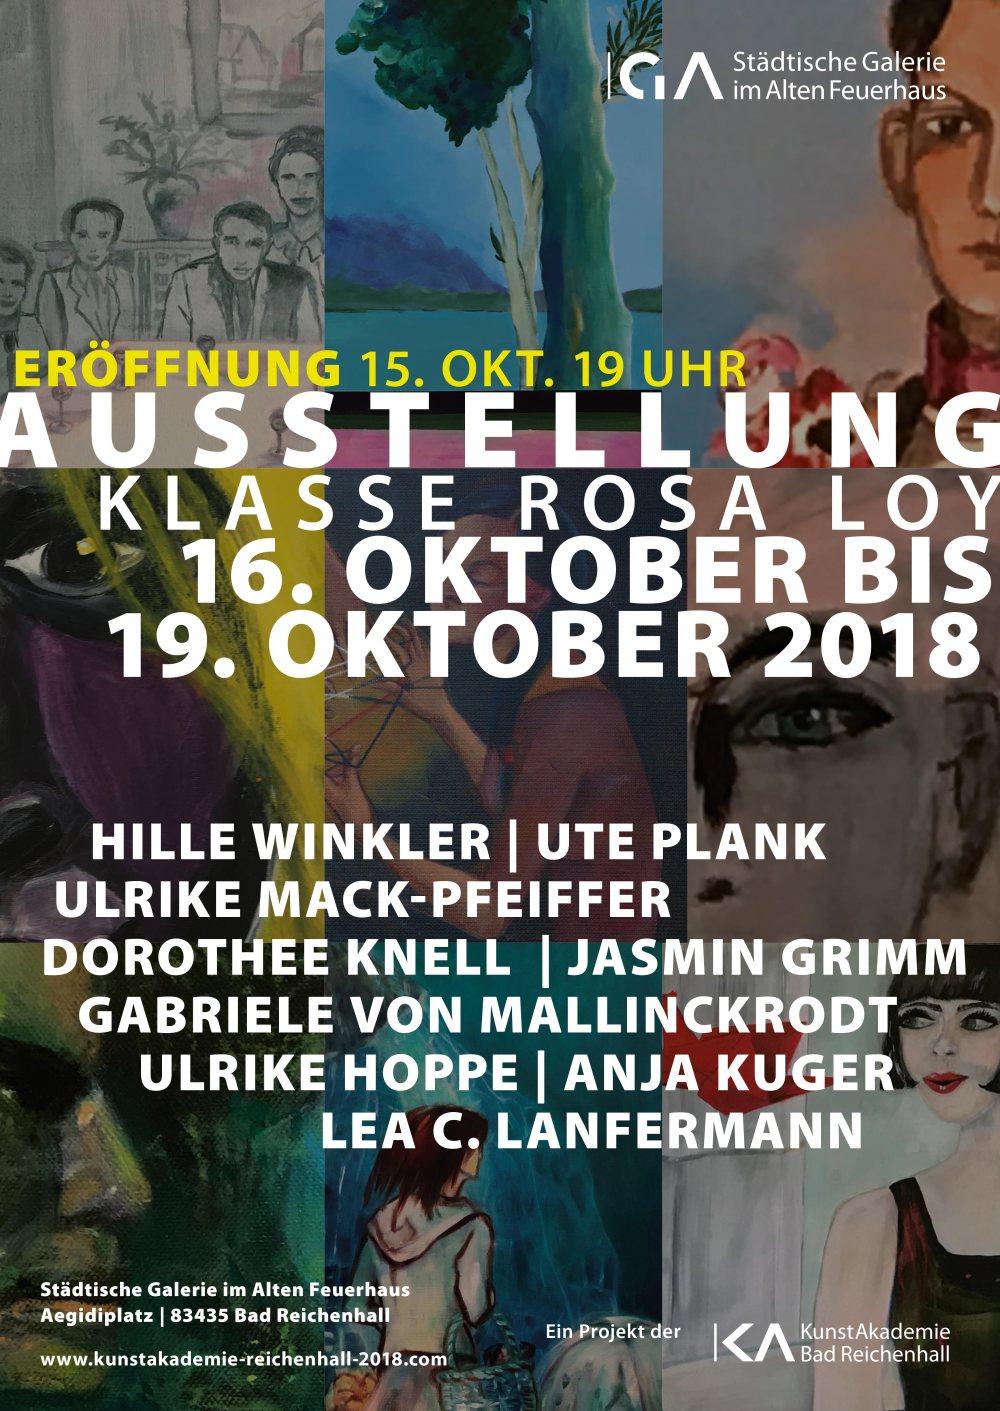 Ausstellung-Klasse-Rosa-Loy-2018